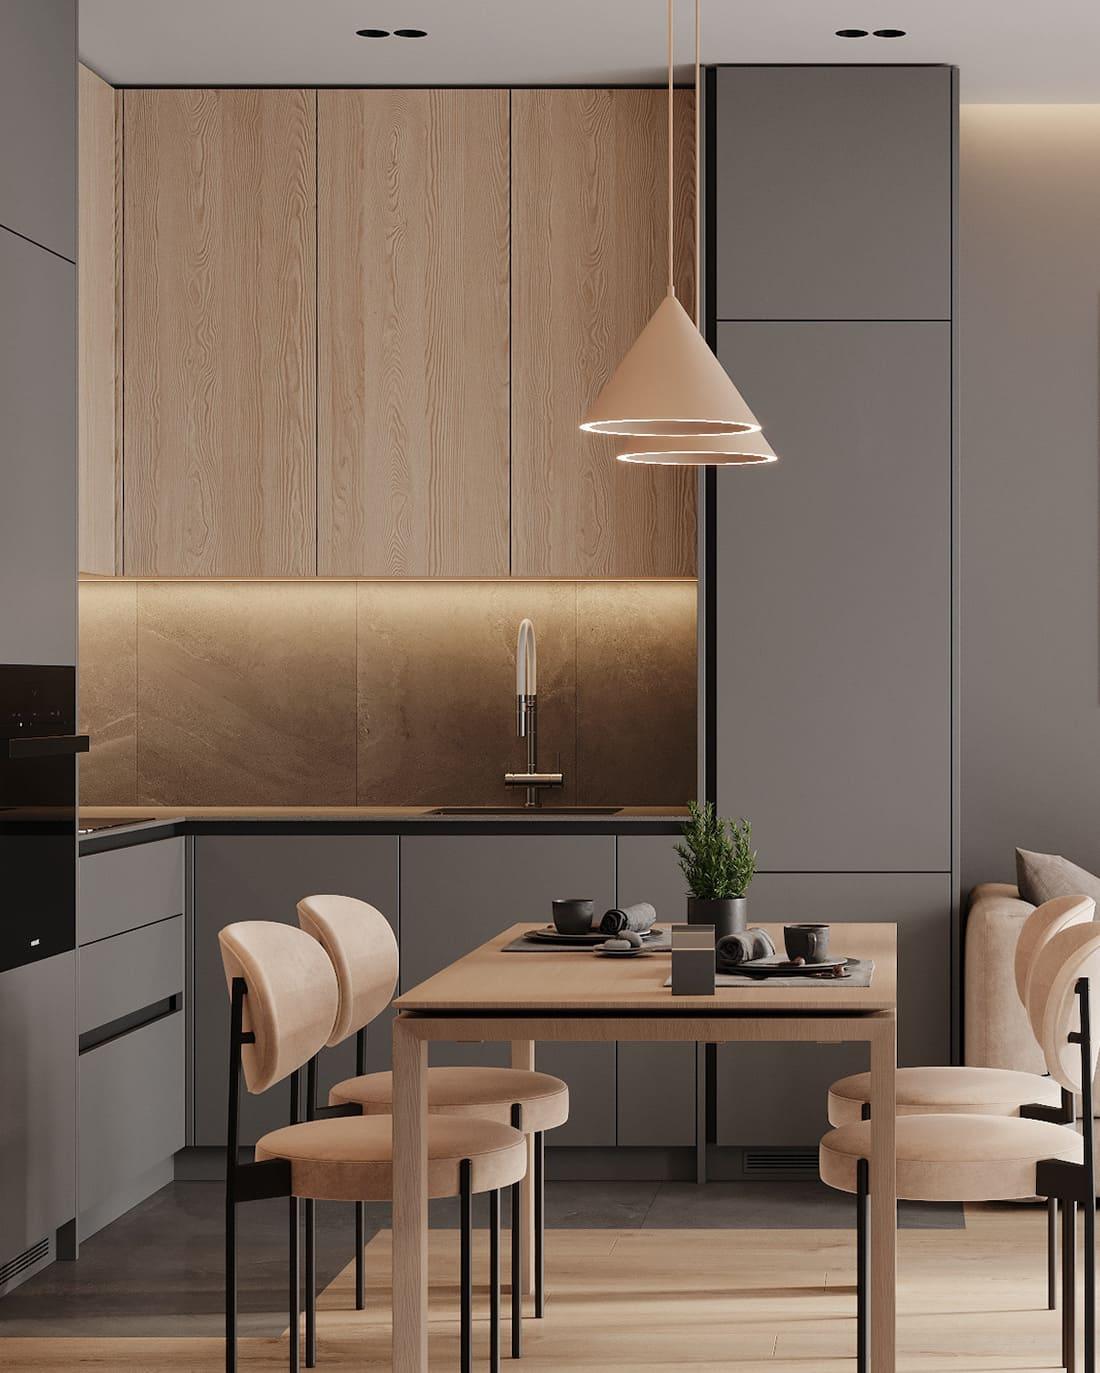 дизайн кухни в современном стиле фото 1